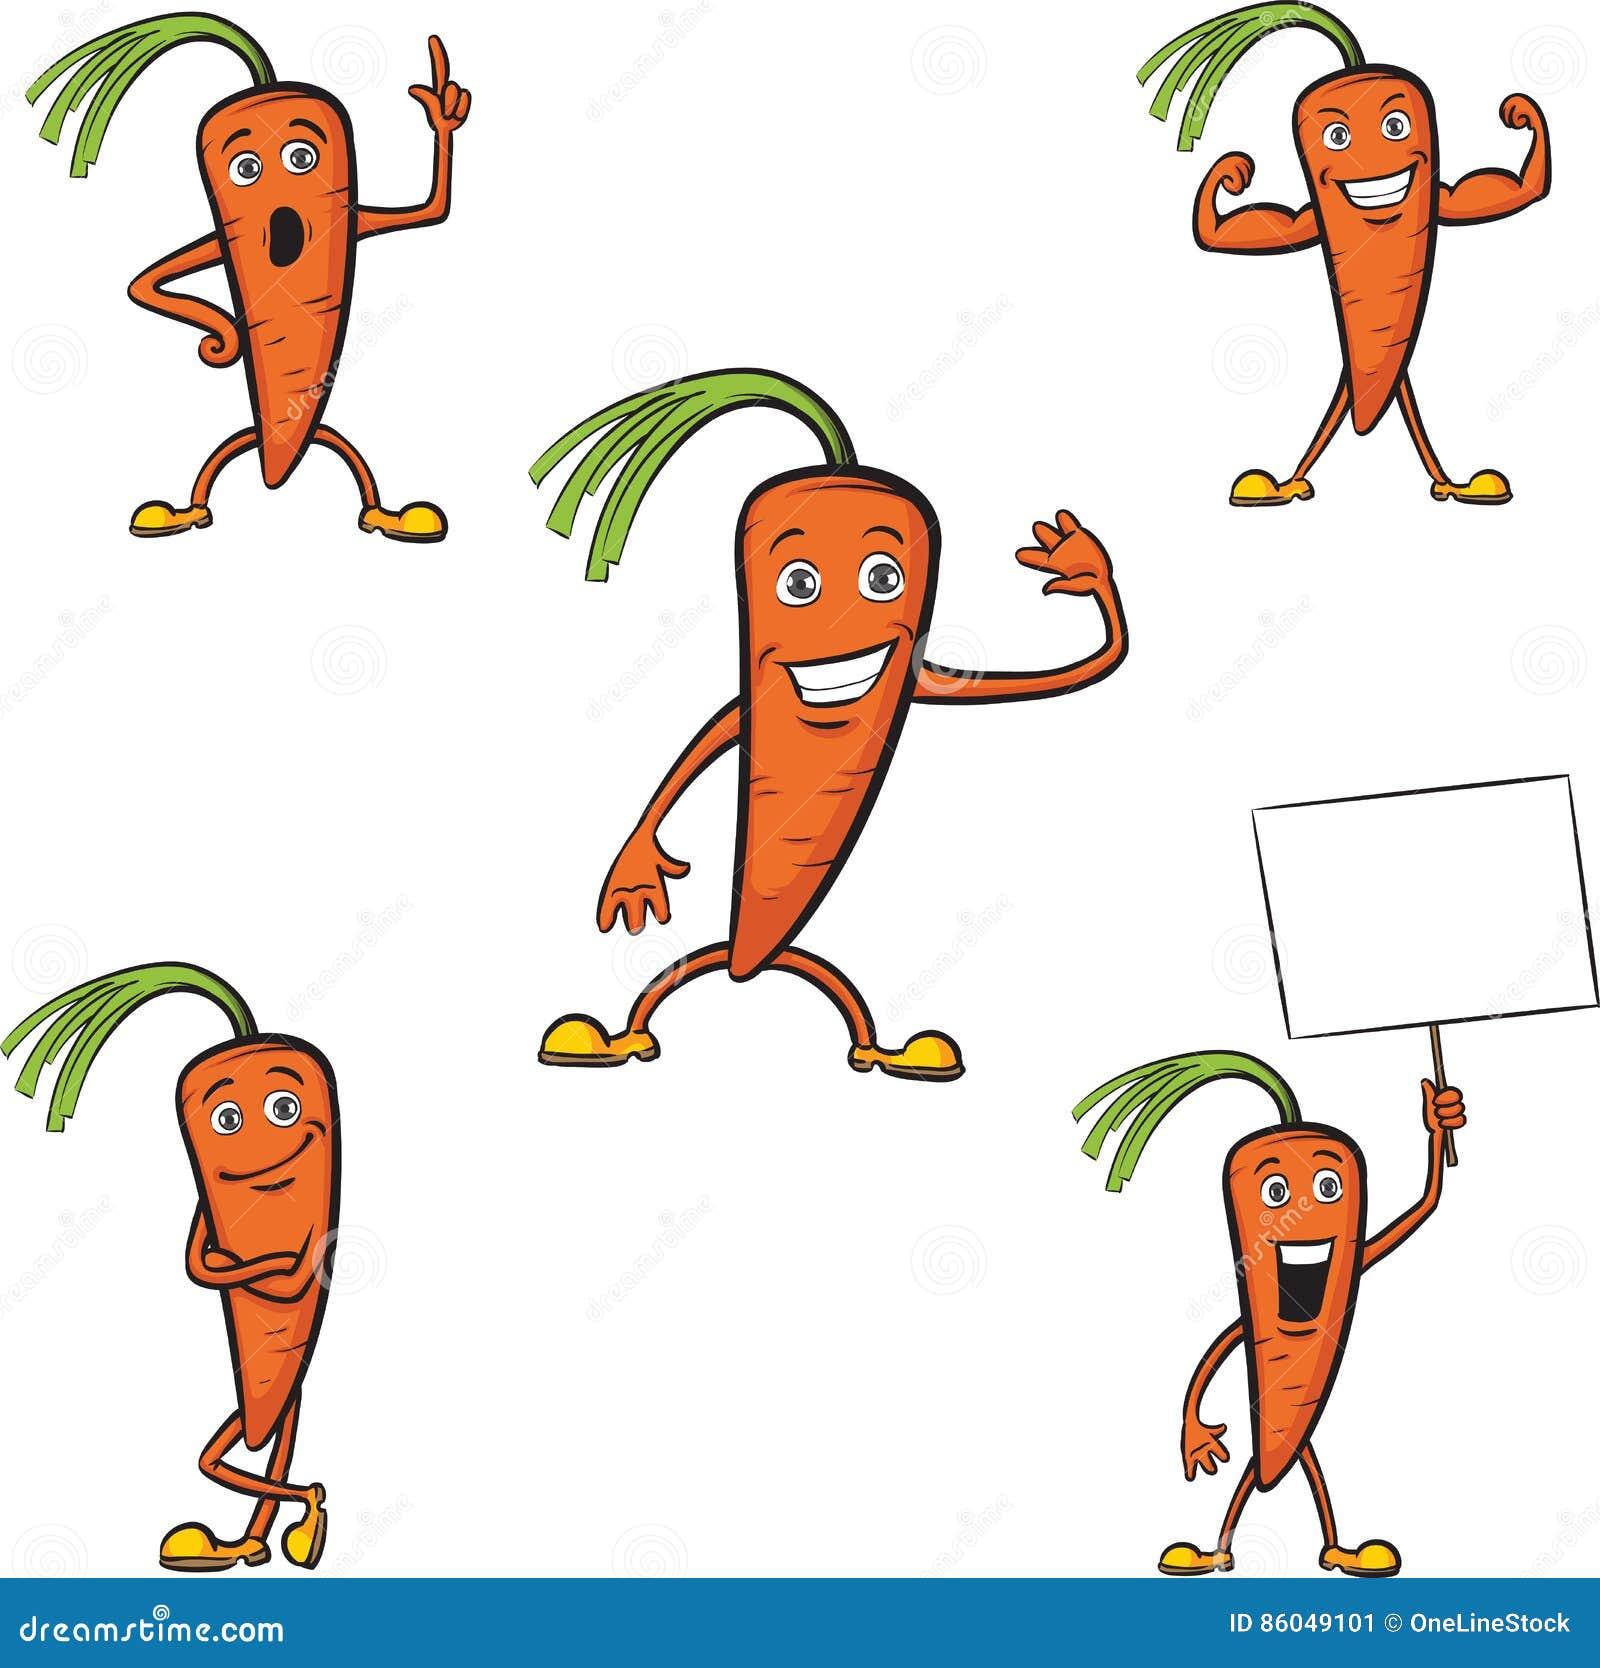 Zanahorias De La Historieta Ilustracion Del Vector Ilustracion De Historieta Zanahorias 86049101 Receta de torta zanahoria facil, rápida y económica. zanahorias de la historieta ilustracion del vector ilustracion de historieta zanahorias 86049101